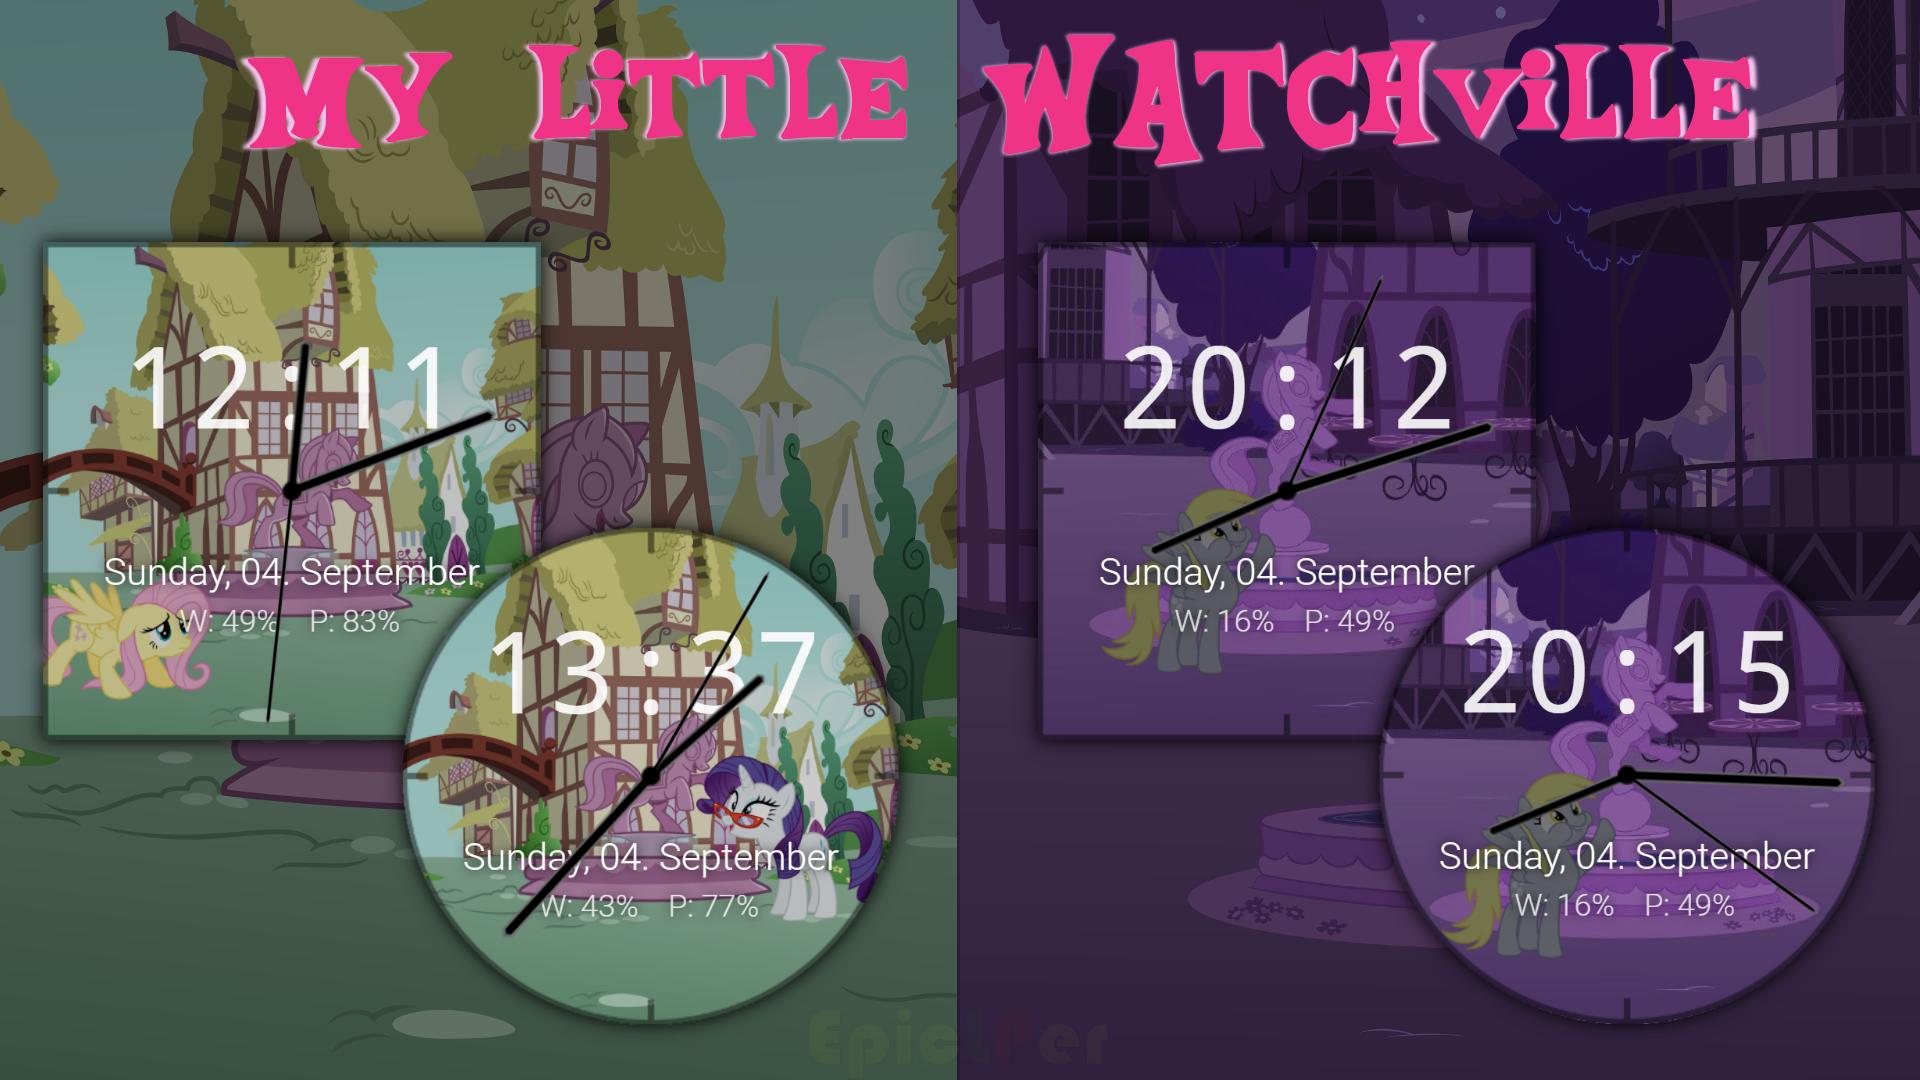 My Little Watchville - Facer.io by EpicLPer